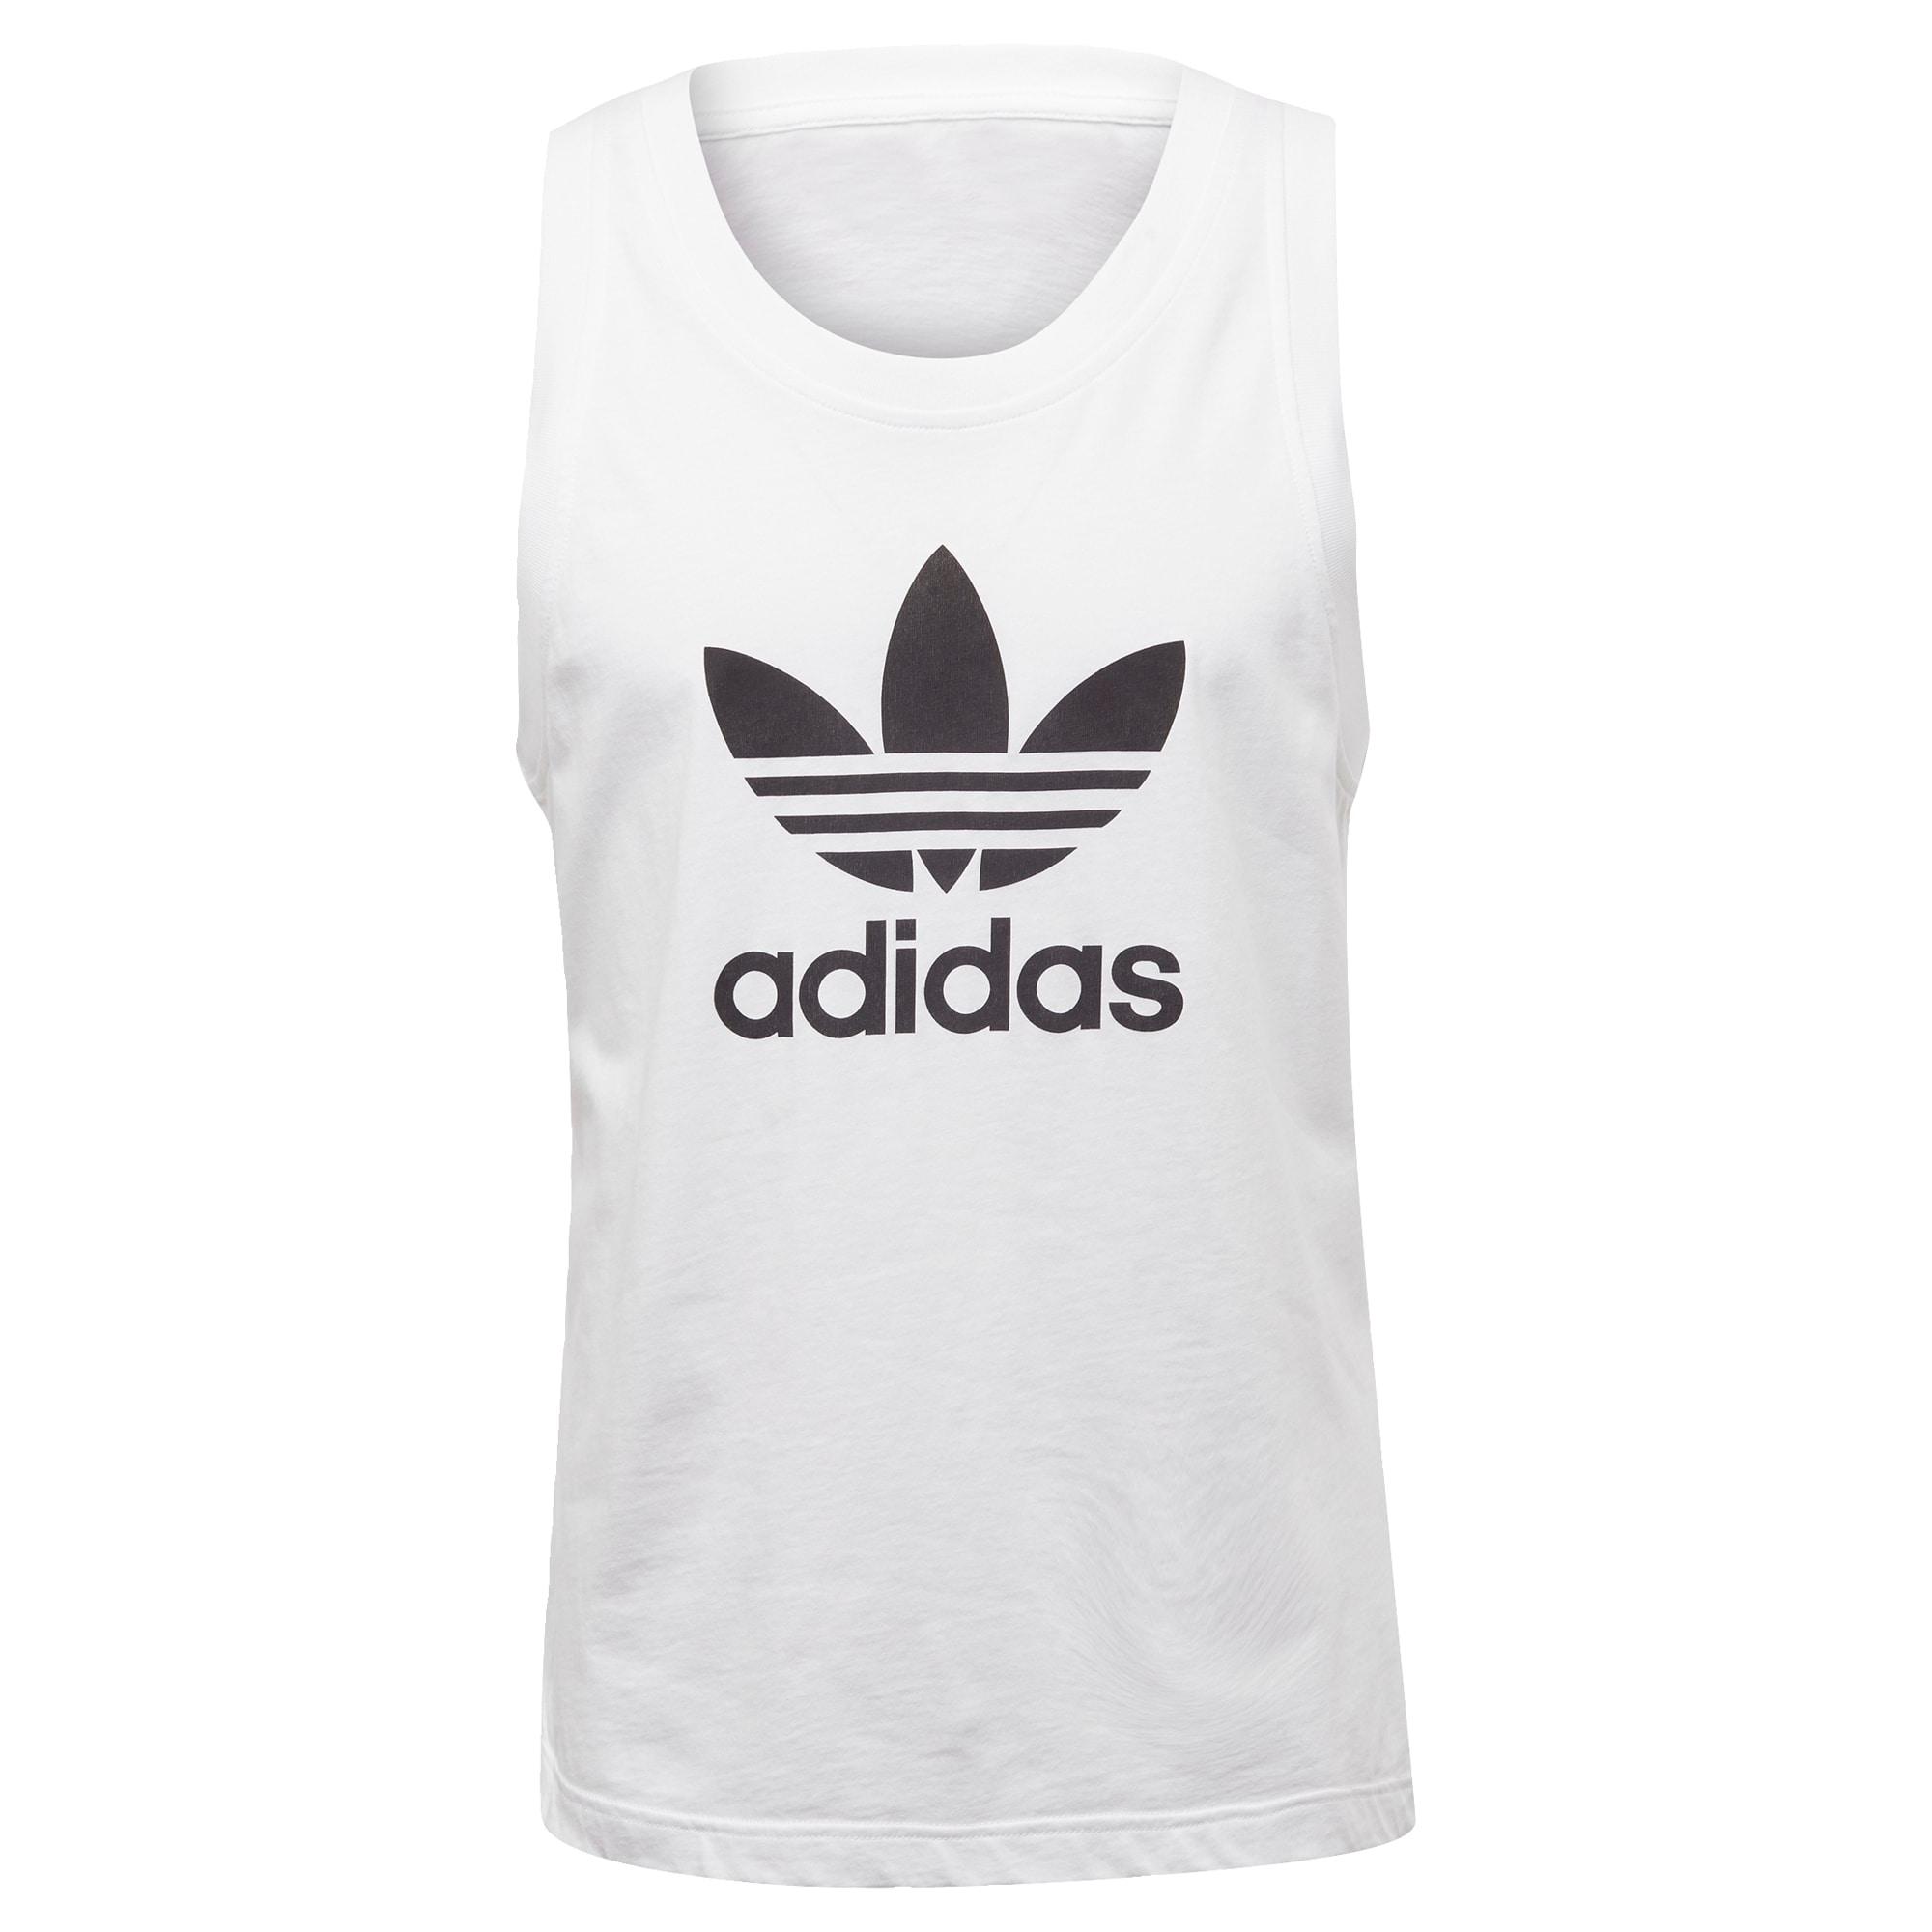 ADIDAS ORIGINALS Marškinėliai 'Trefoul' juoda / balta